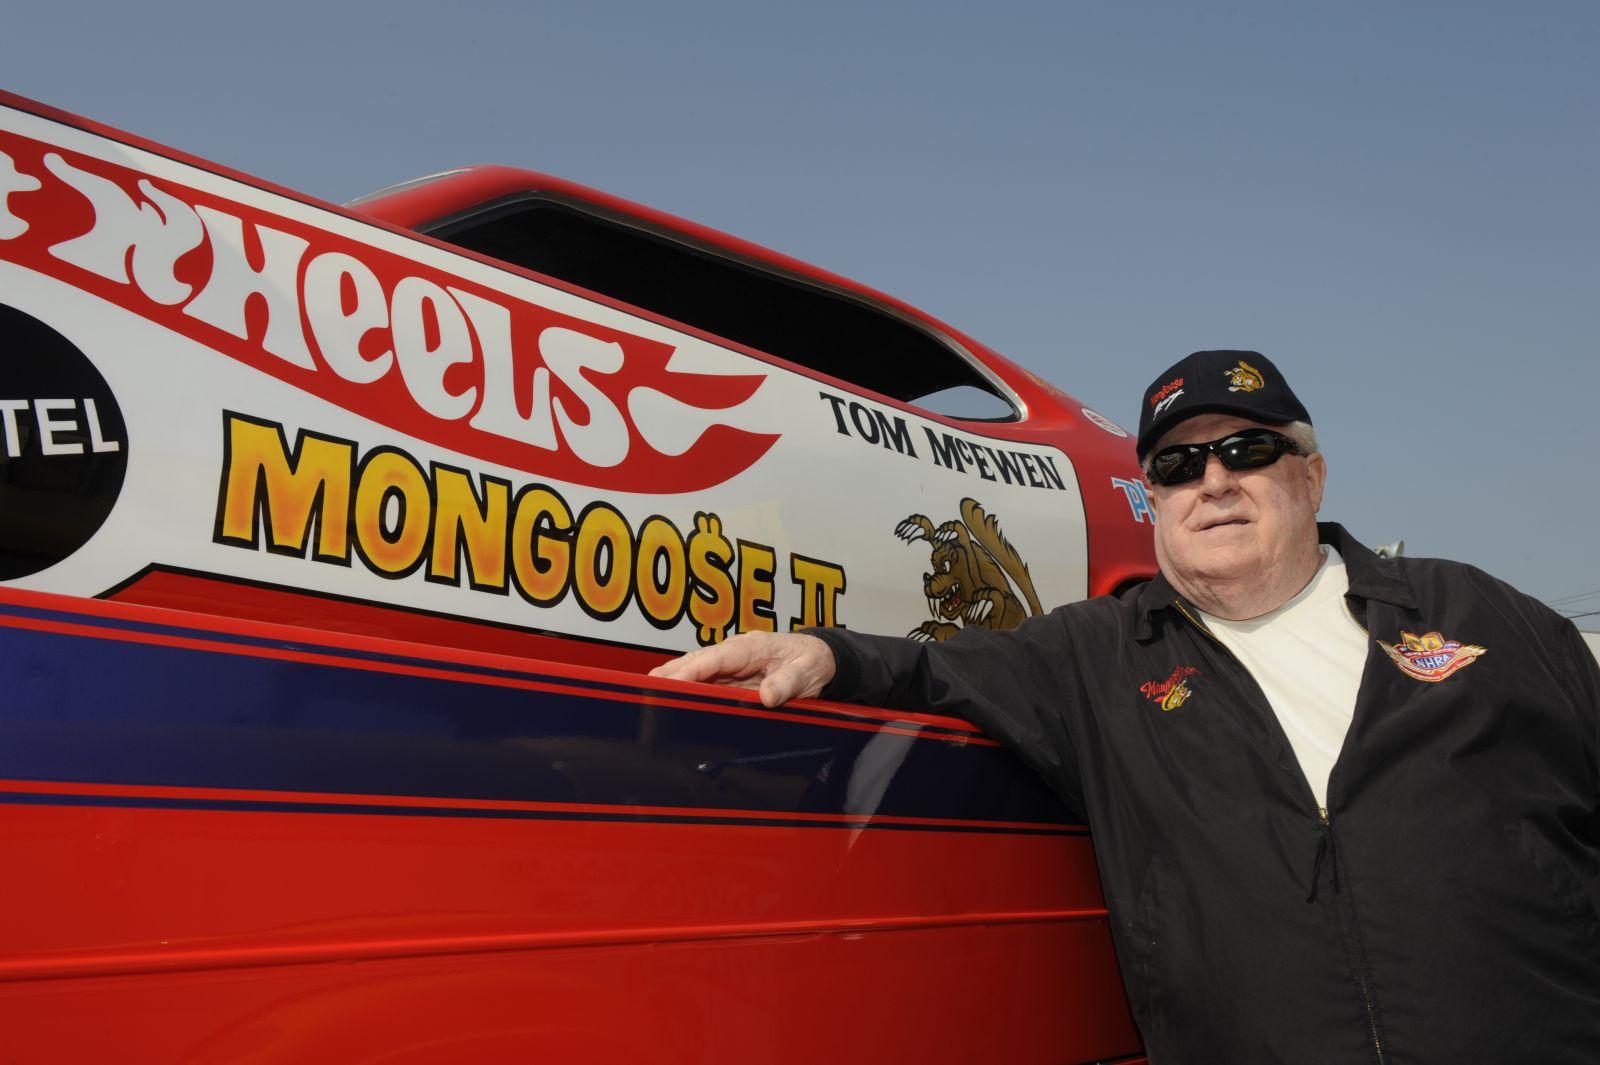 Rip tom mcewen legendary racer hotrod hotline for Garage prudhomme 16